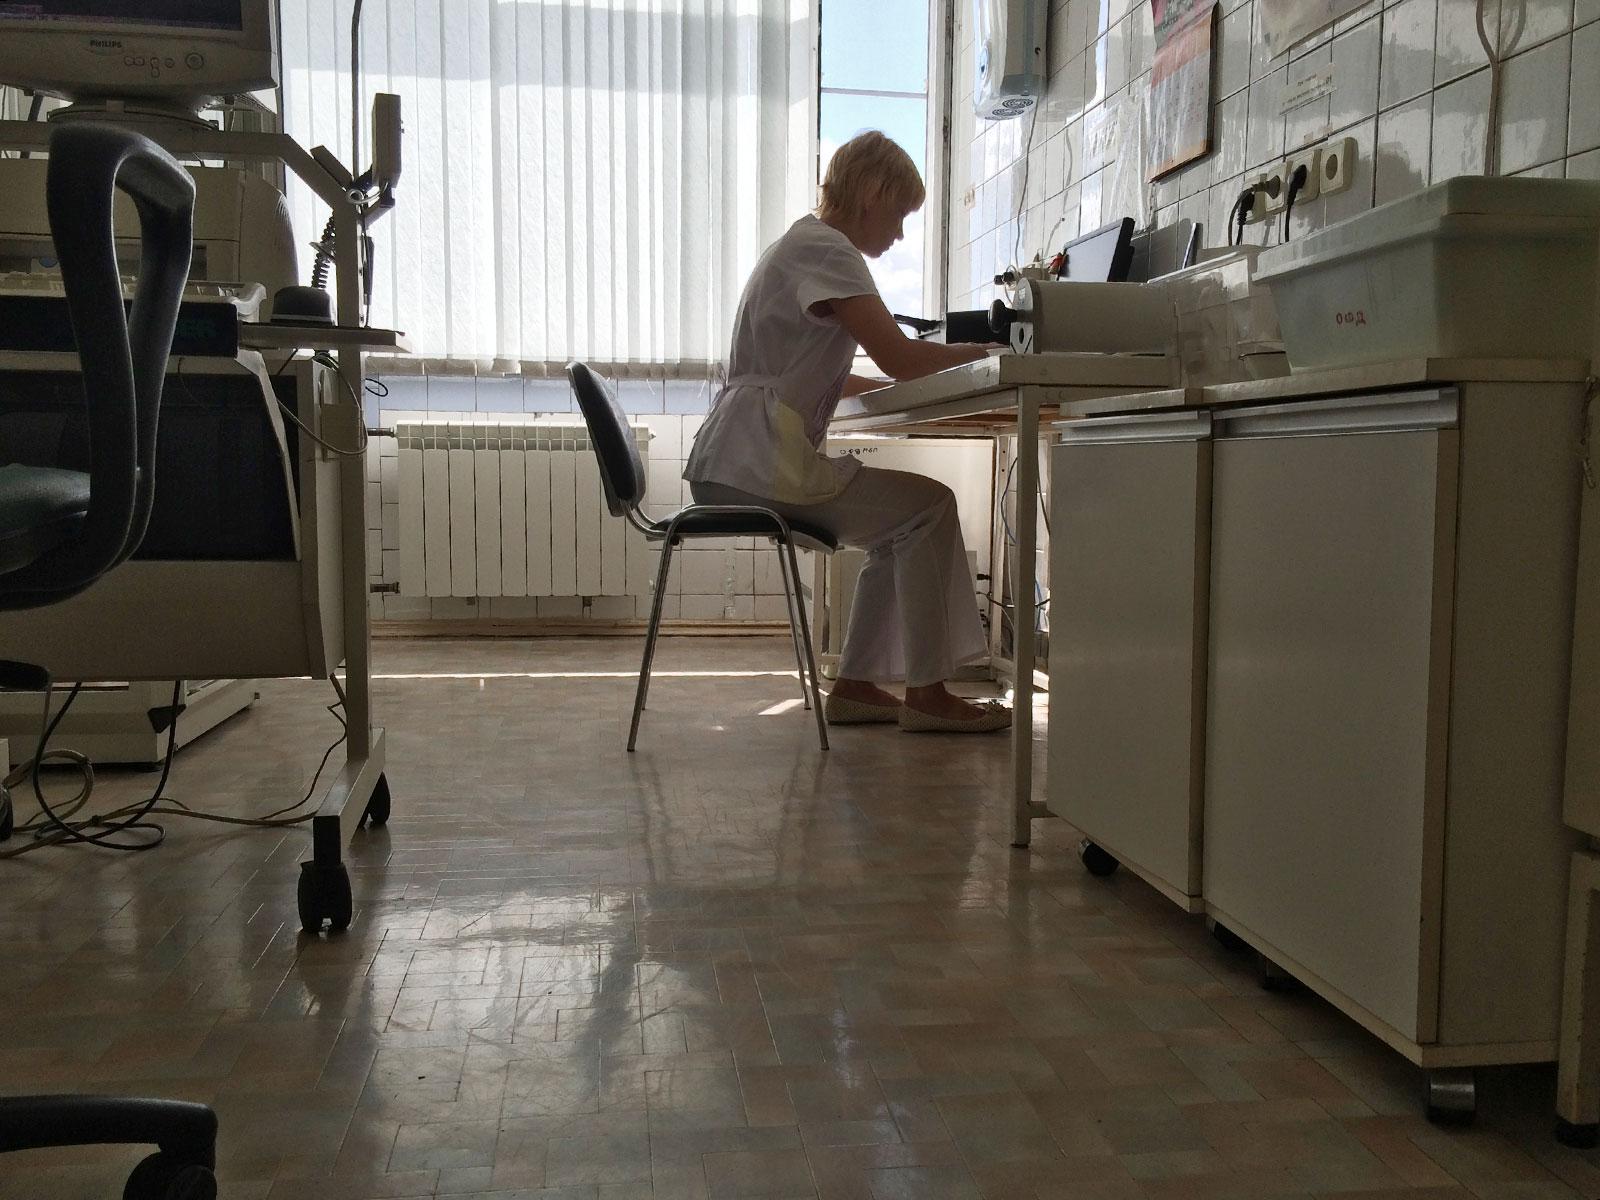 В поликлинике нет нужного врача, а направление в другую больницу не дают: что делать и куда жаловаться?